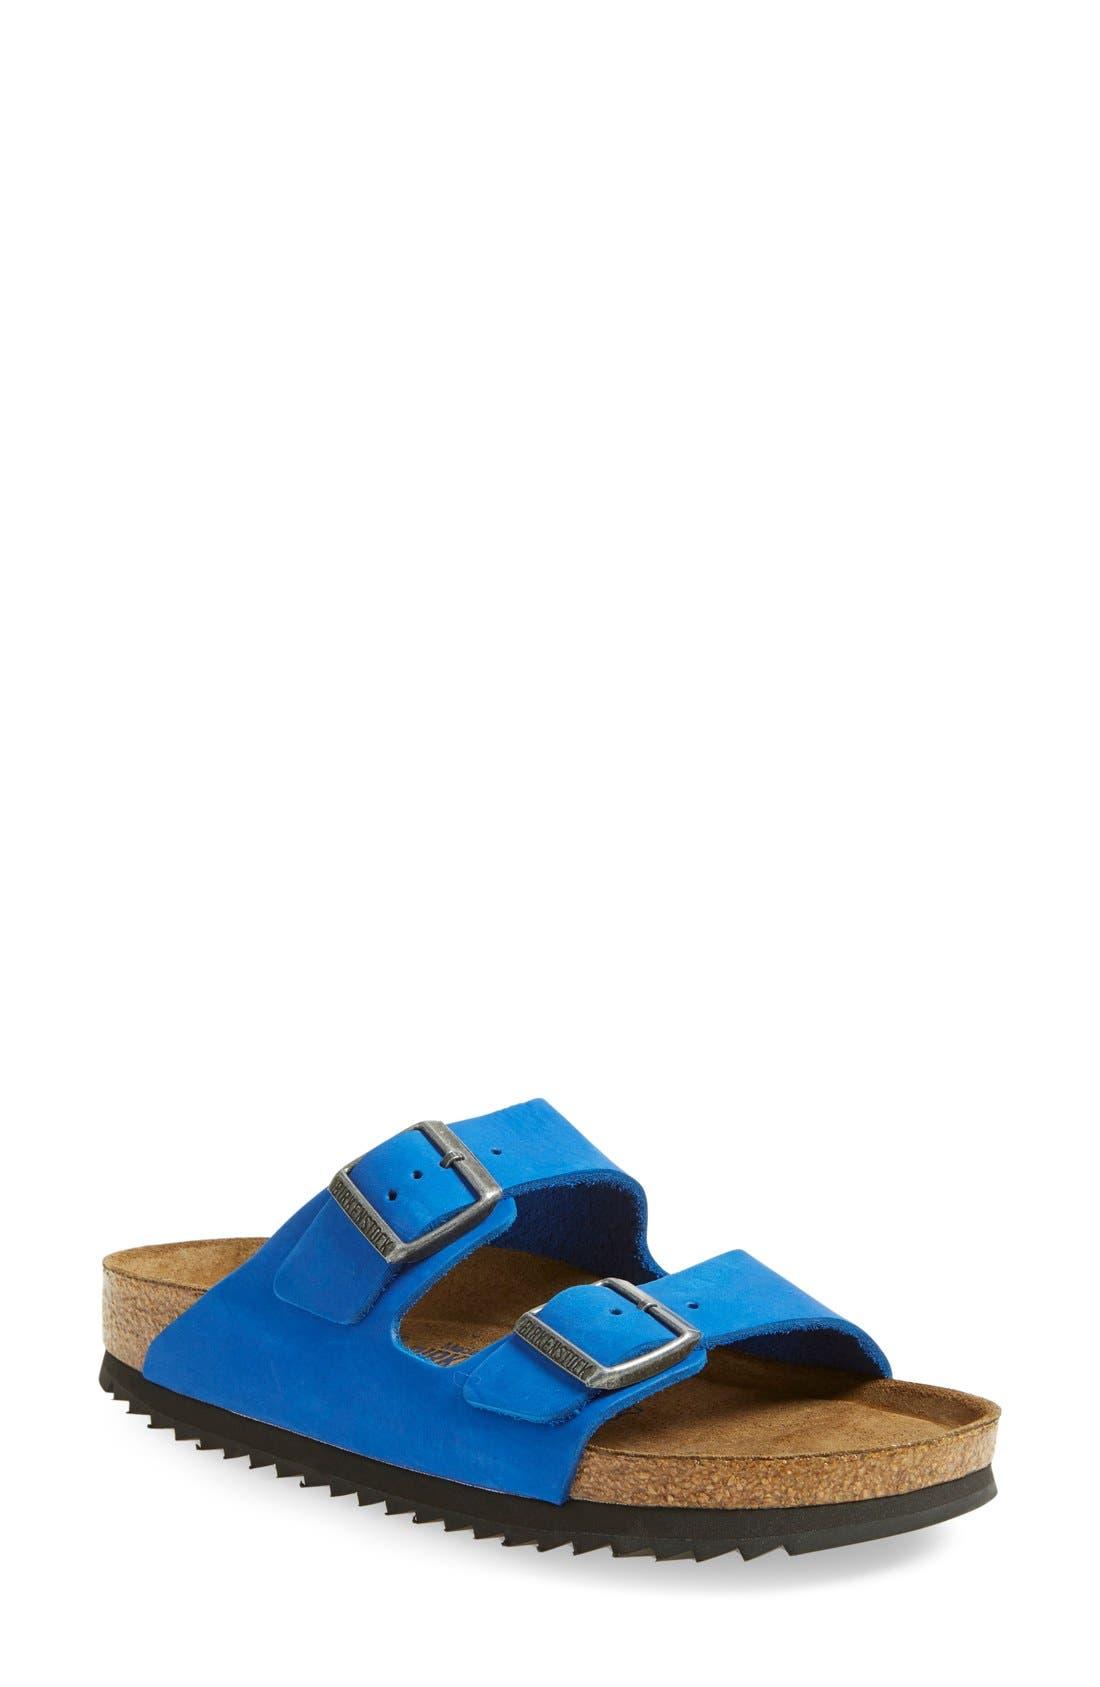 'Arizona' Sandal,                             Main thumbnail 1, color,                             Blue Nubuck